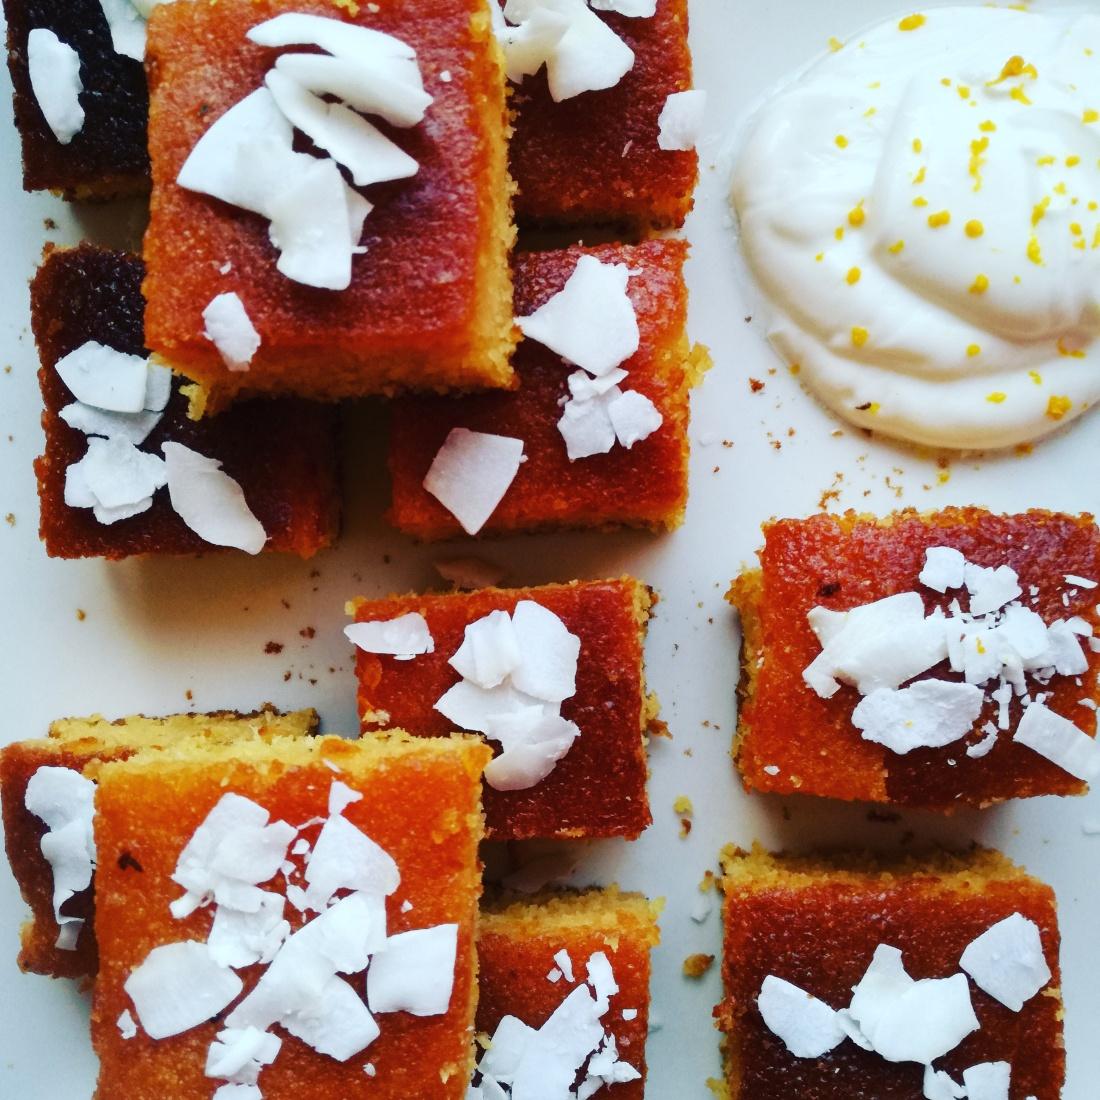 Torta di semolino con cocco e arance @fraduefuochi